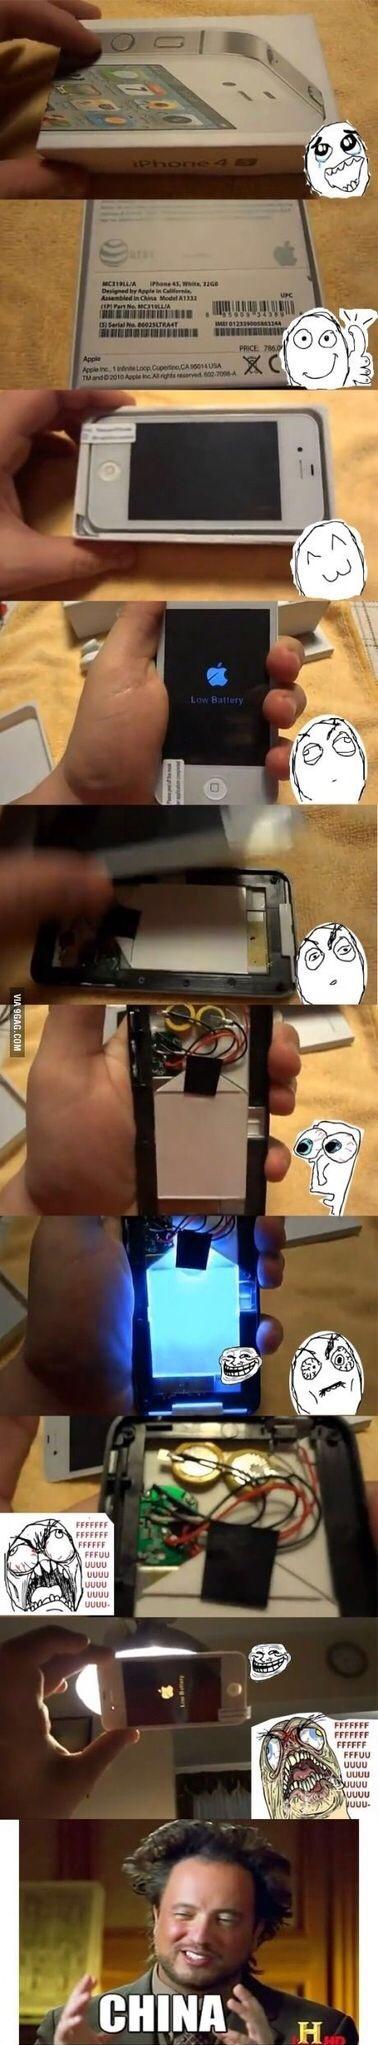 Заказать iphone китай